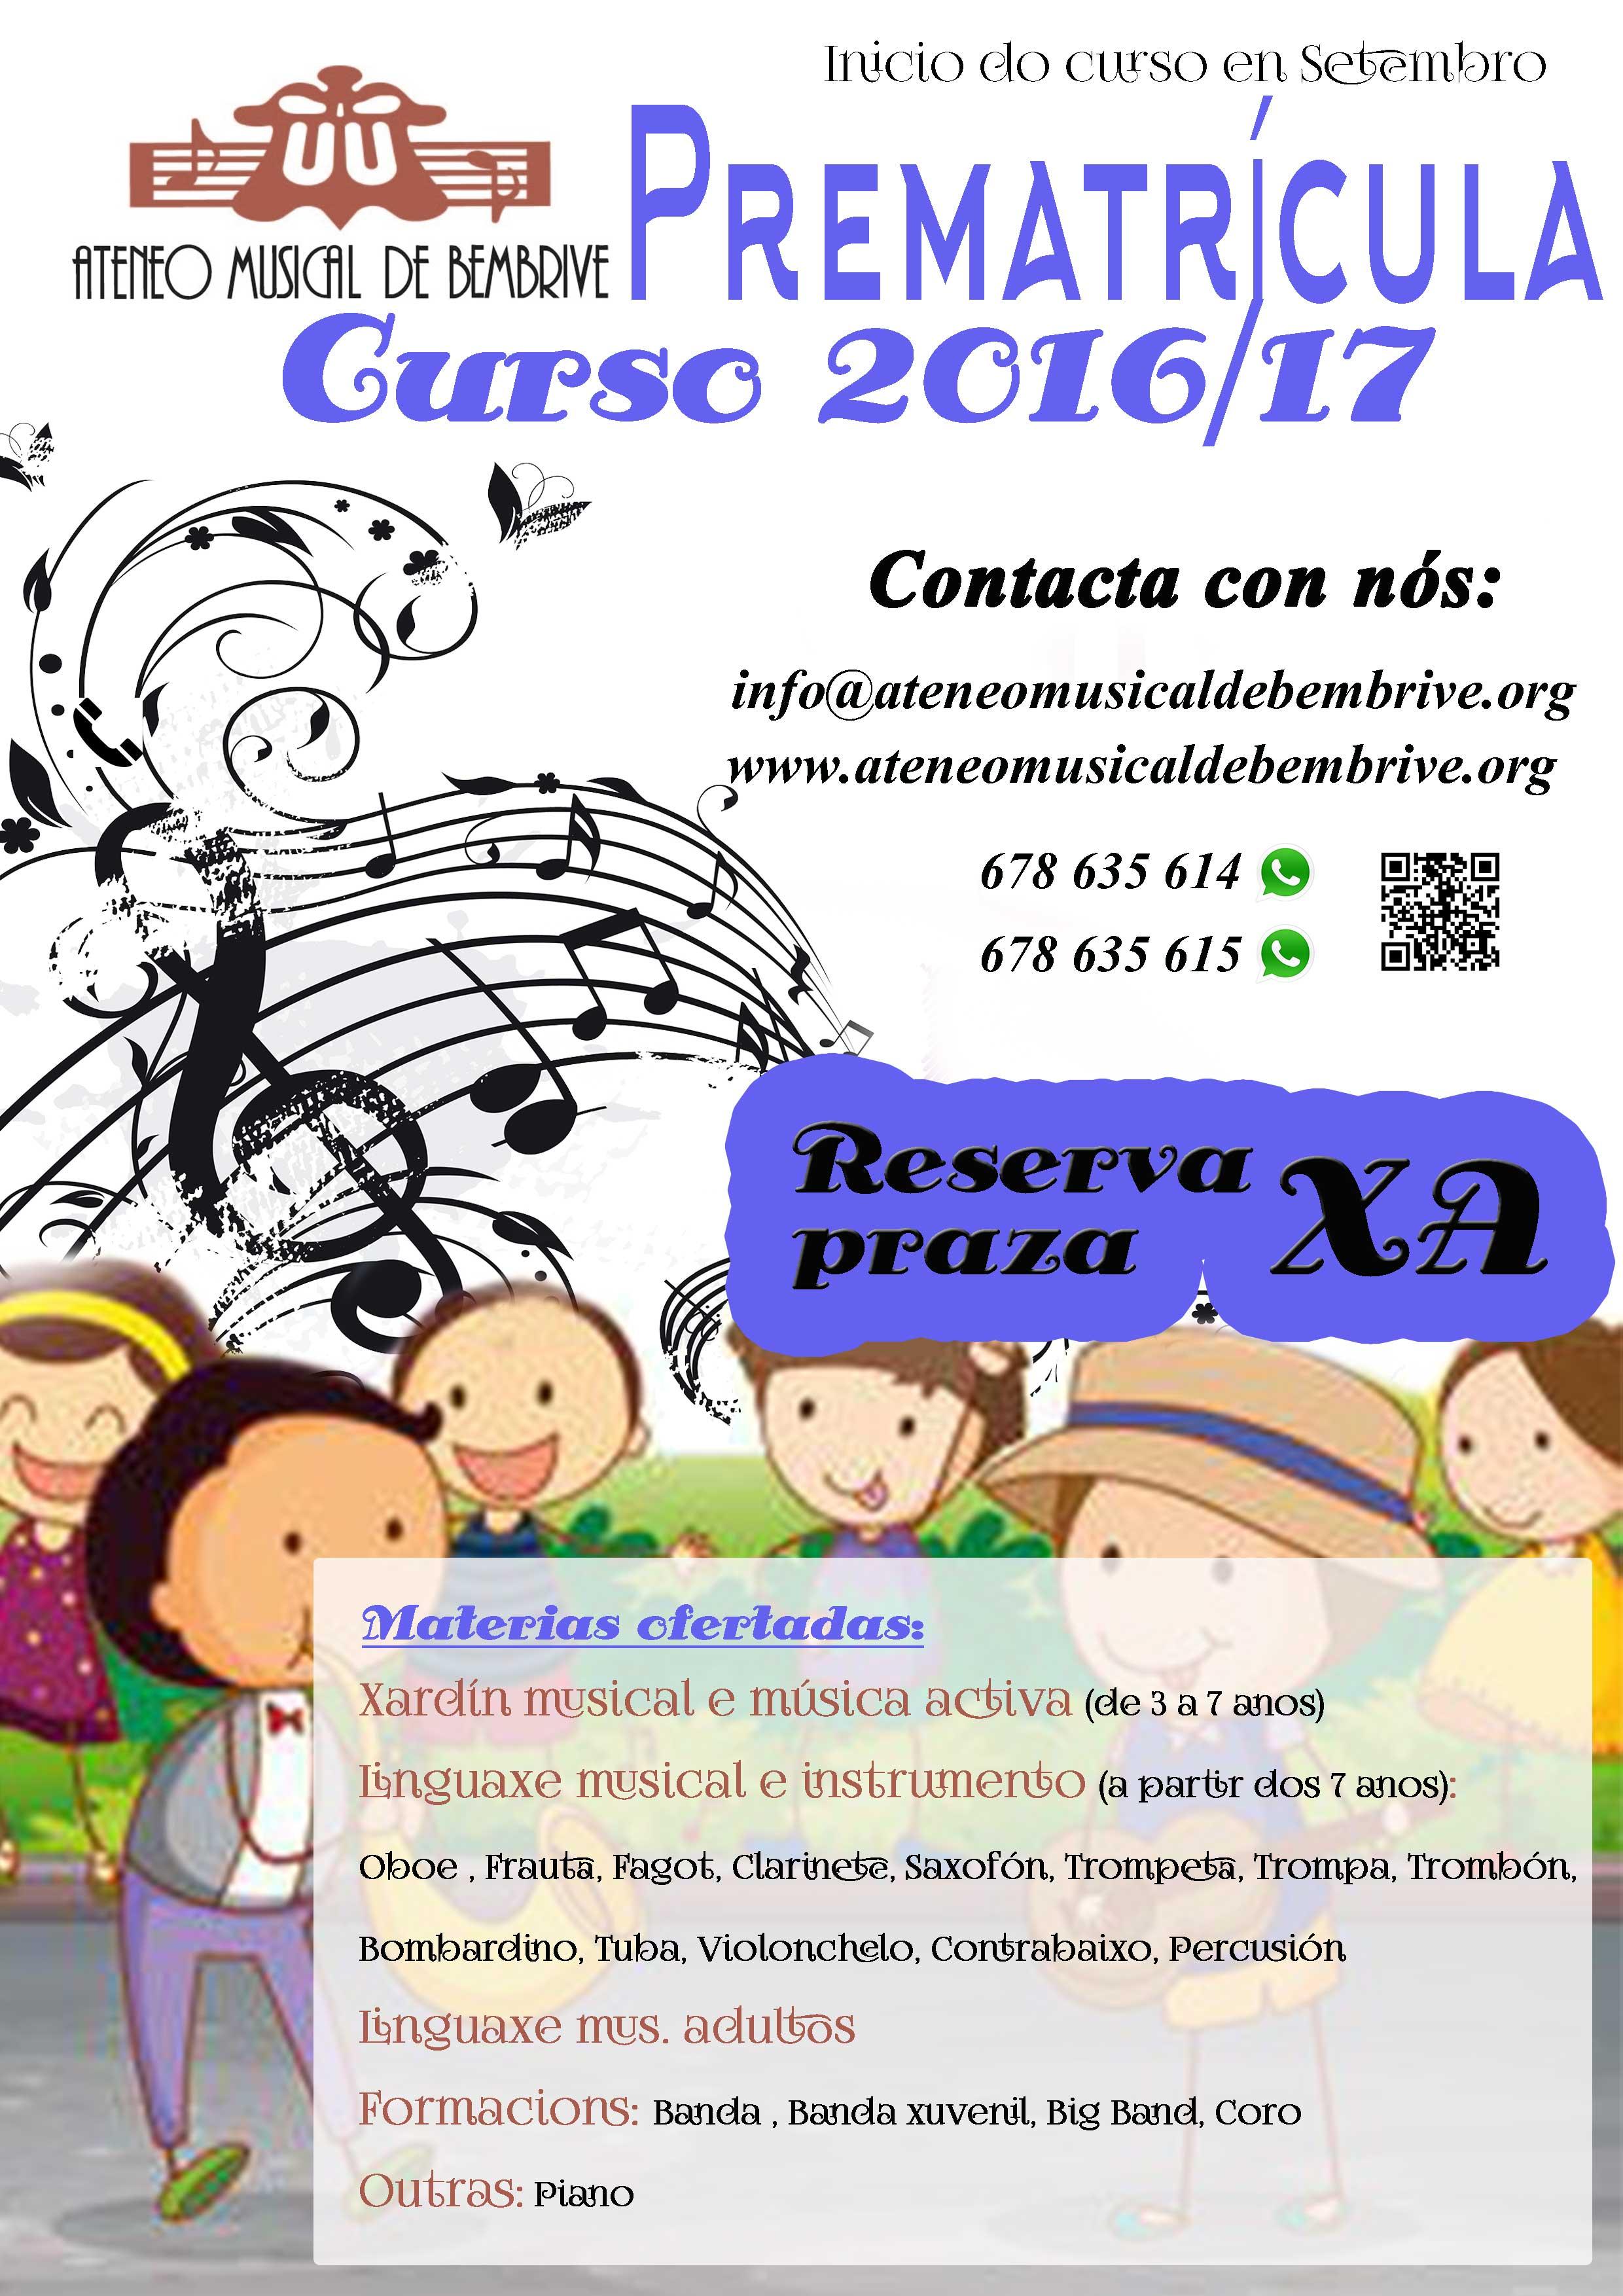 Prematrícula-curso-2016-17